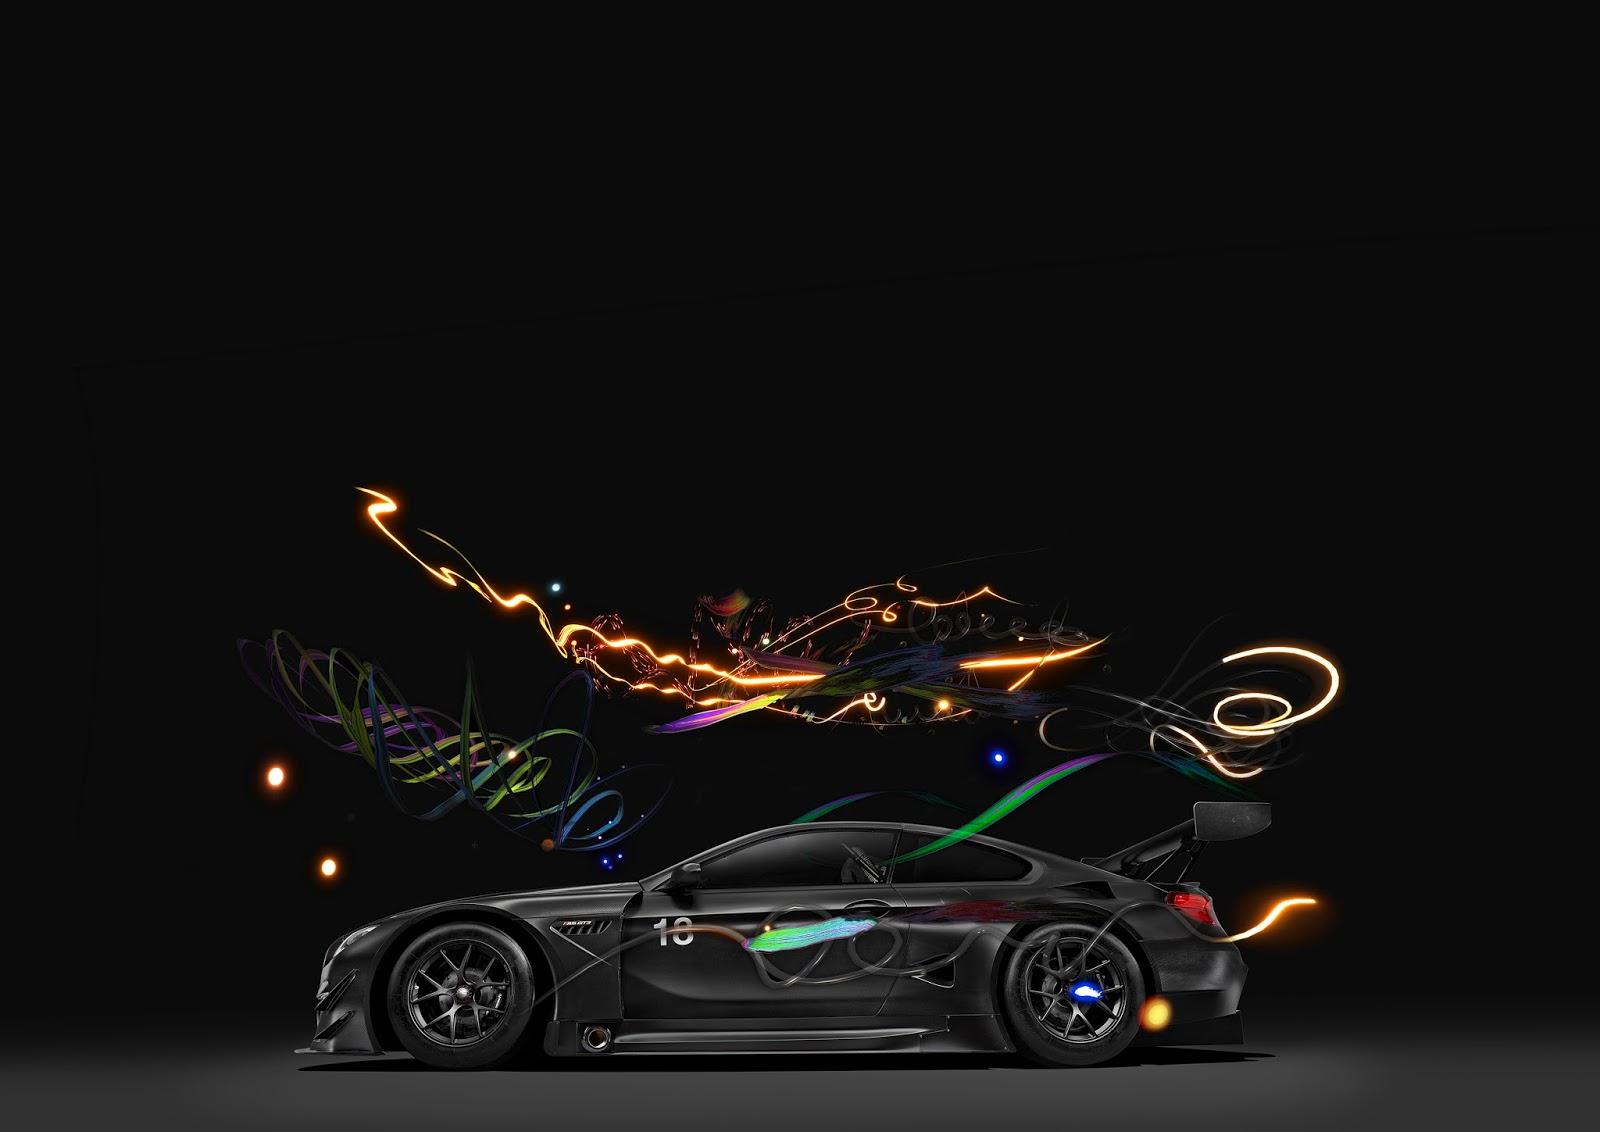 P90259902 highRes bmw art car 18 by ca 1 Μια BMW M6 GT3 το πρώτο ψηφιακό Art Car Art, BMW, Bmw Art Car, BMW M6 GT3